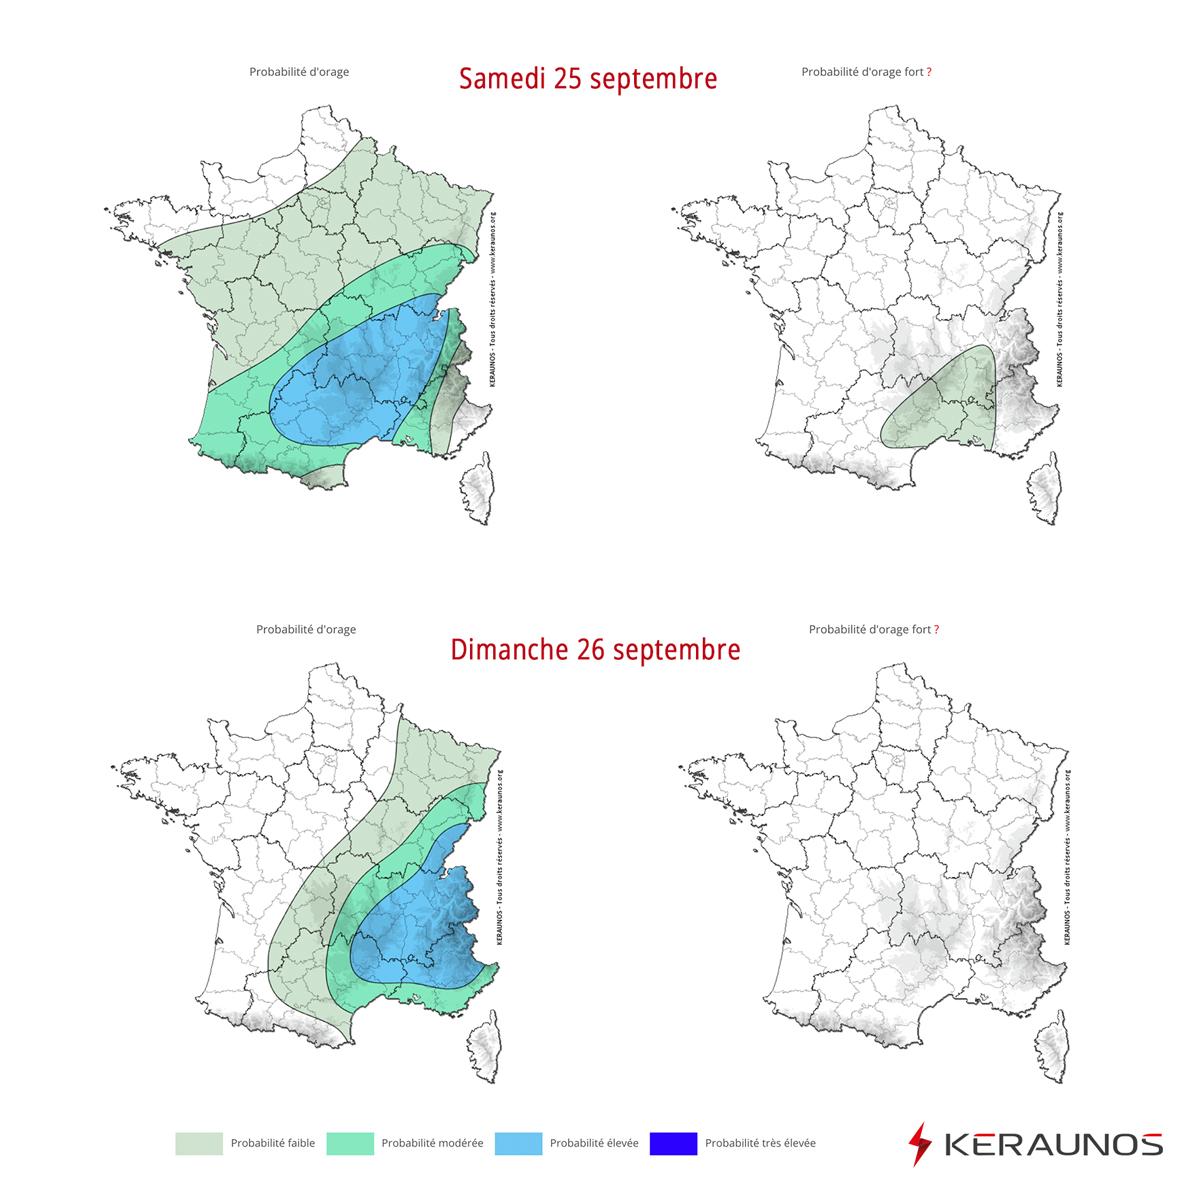 Samedi, des pluies parfois fortes et orageuses circuleront des #Pyrénées aux #Alpes avec une probabilité plus significative d'#orages entre #Cévennes et vallée du #Rhône.   Dimanche, les #pluies orageuses se concentreront sur un grand quart sud-est ->